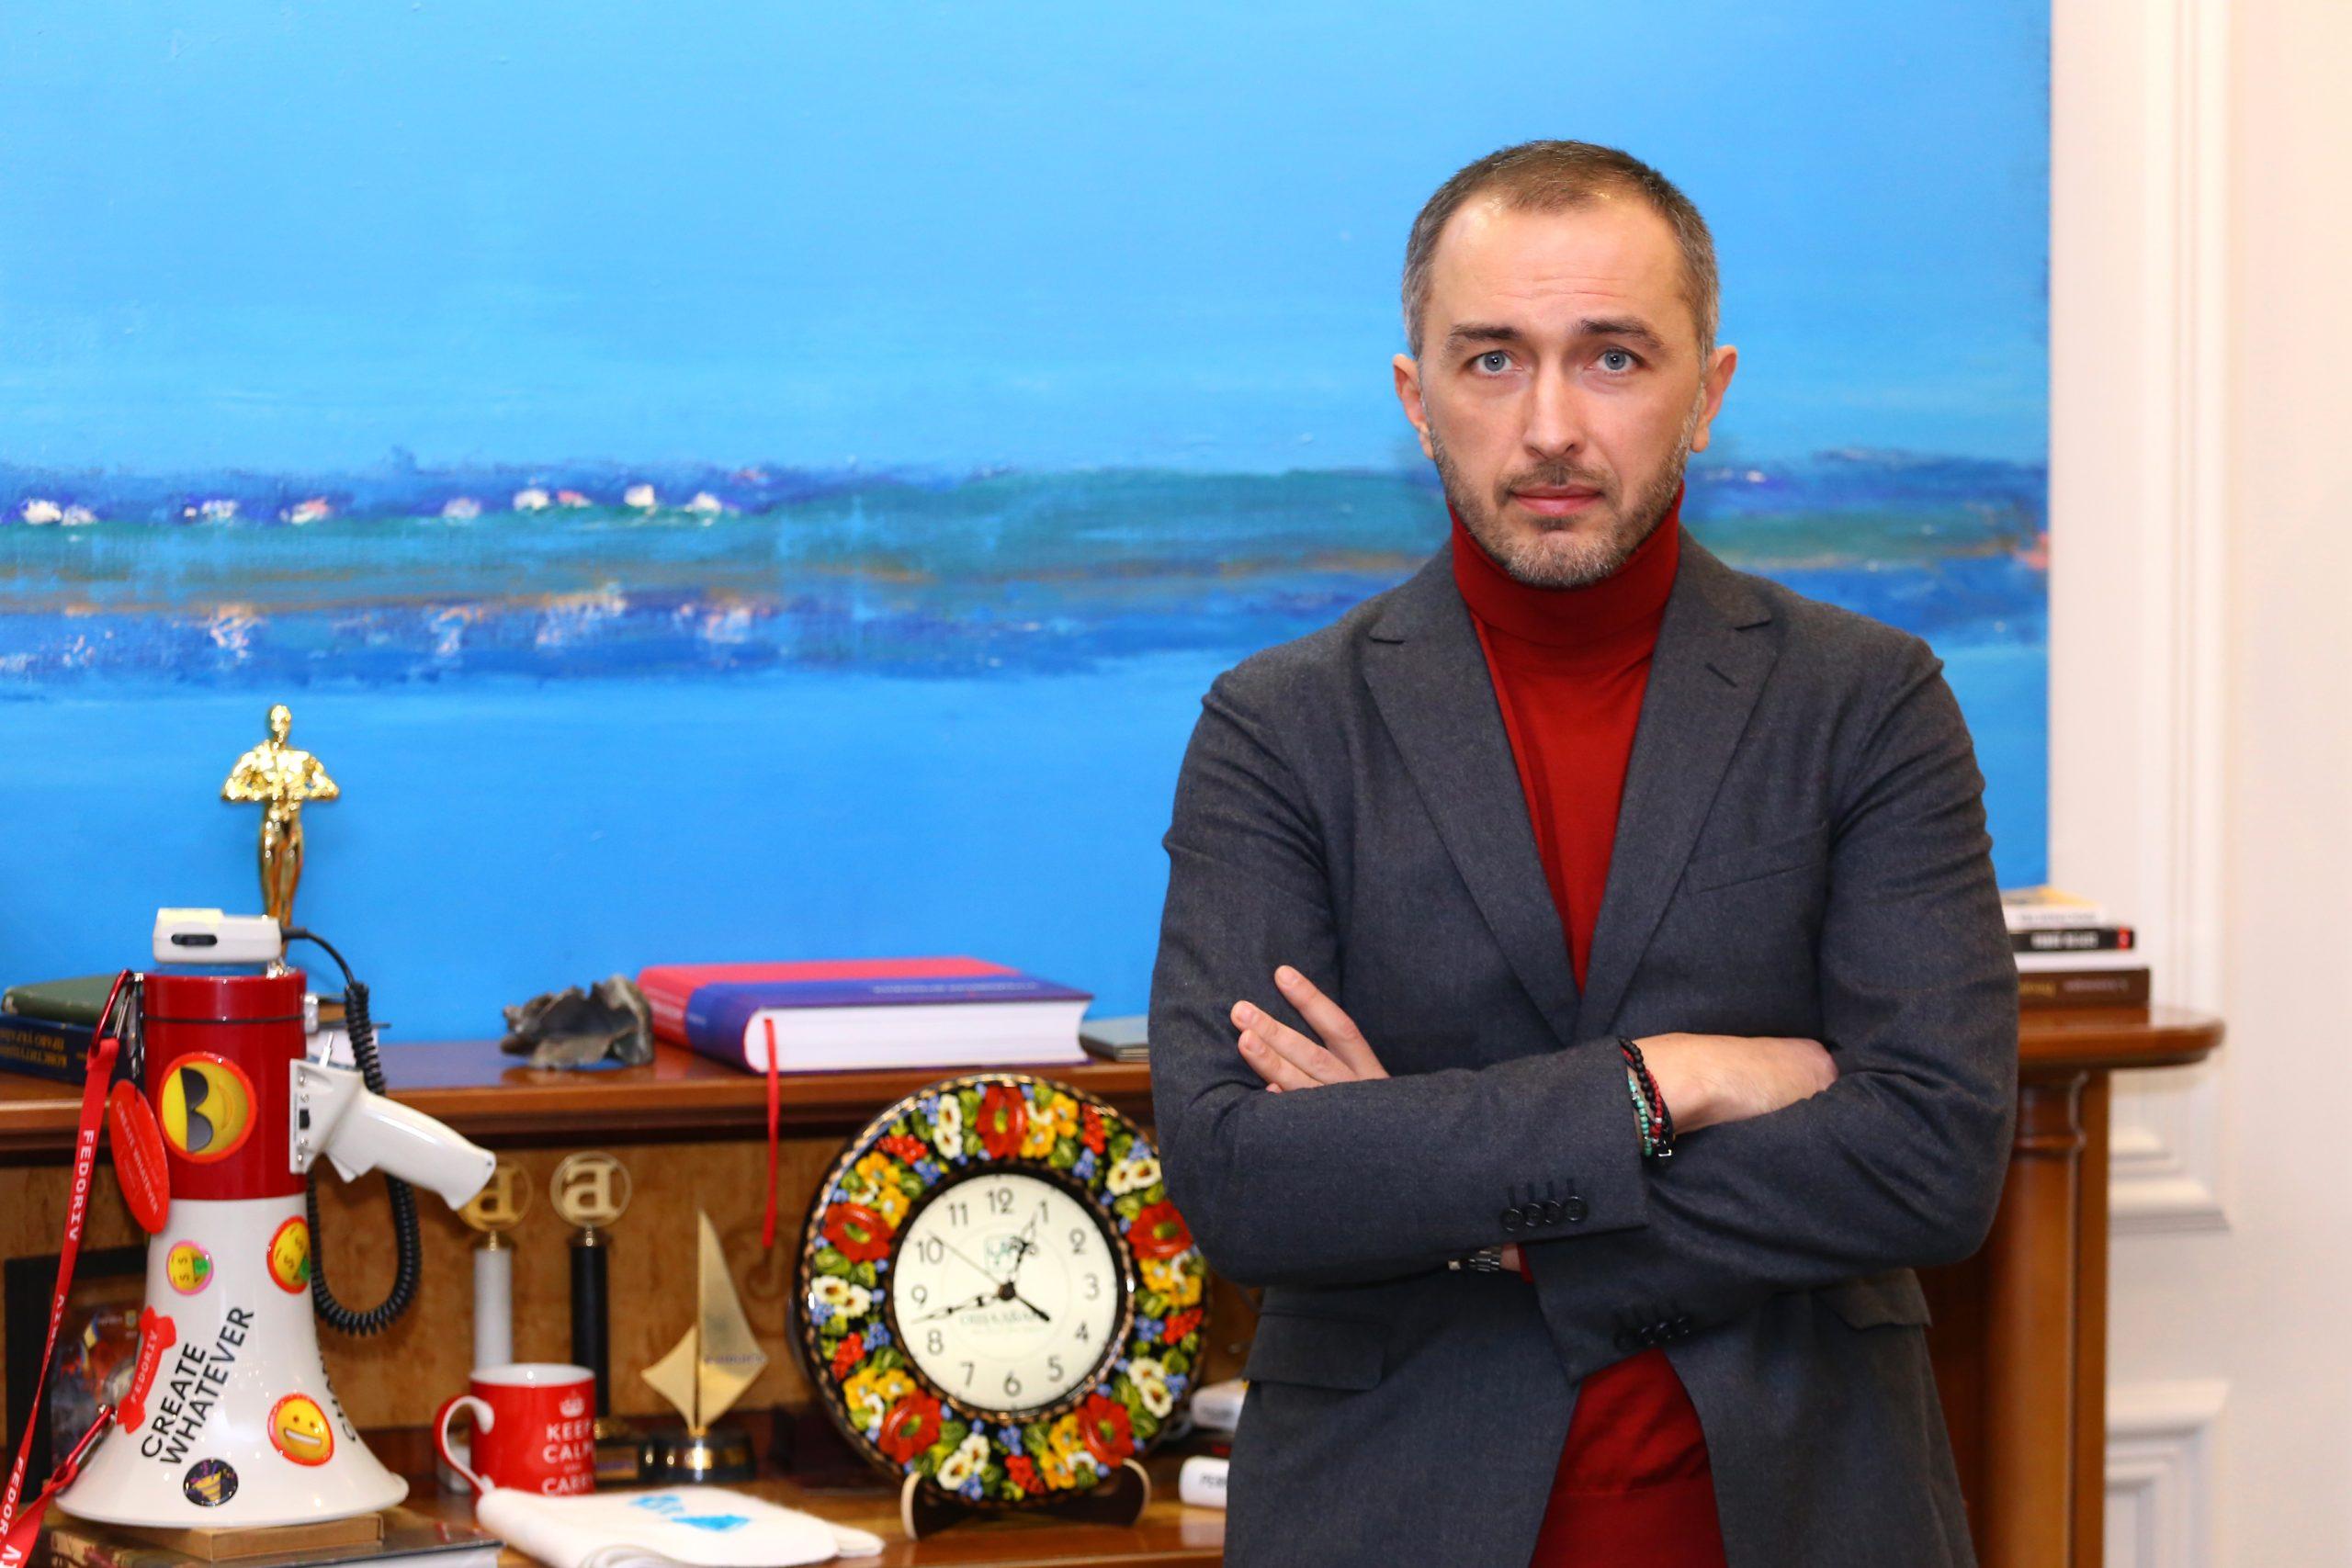 ОТКРЫЛ СЧЕТ: Андрей Пышный выучился на юриста, занимался политикой, а стал одним из лучших банкиров страны